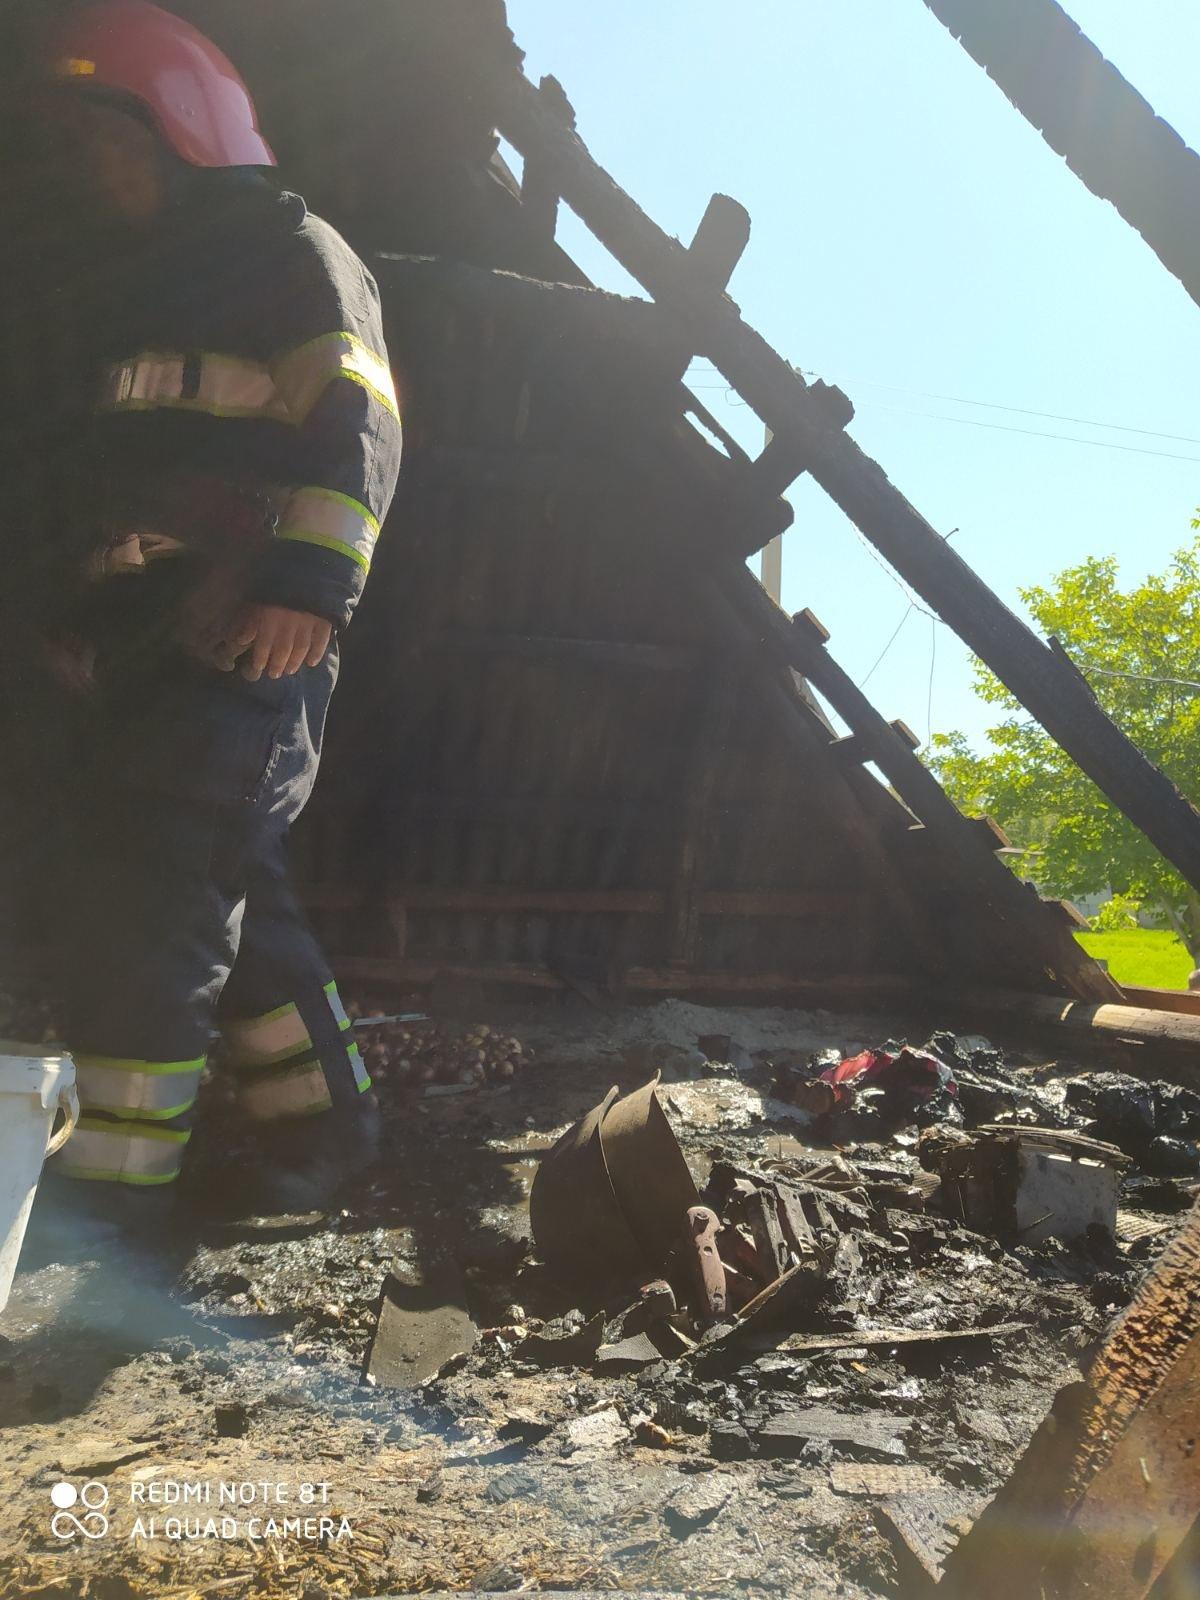 Рятувальники ліквідували пожежу будинку у Кадиївцях, фото-2, Фото: ГУ ДСНС України у Хмельницькій області